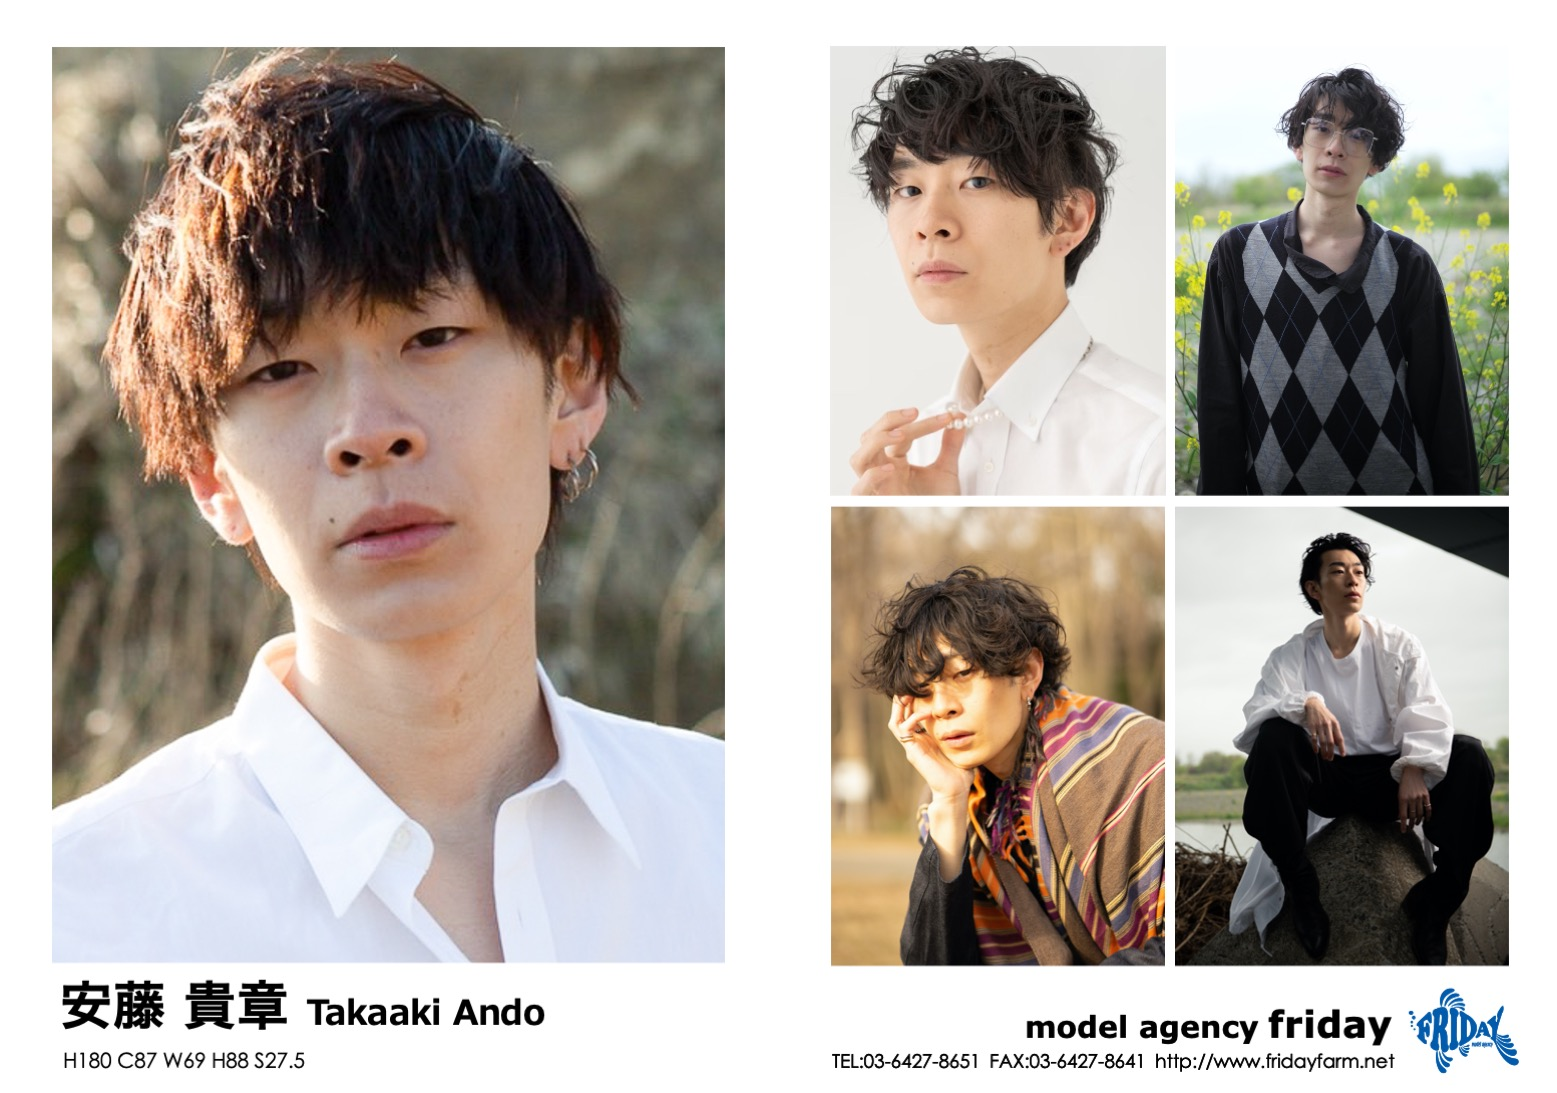 安藤貴章 - Takaaki Ando   model agency friday